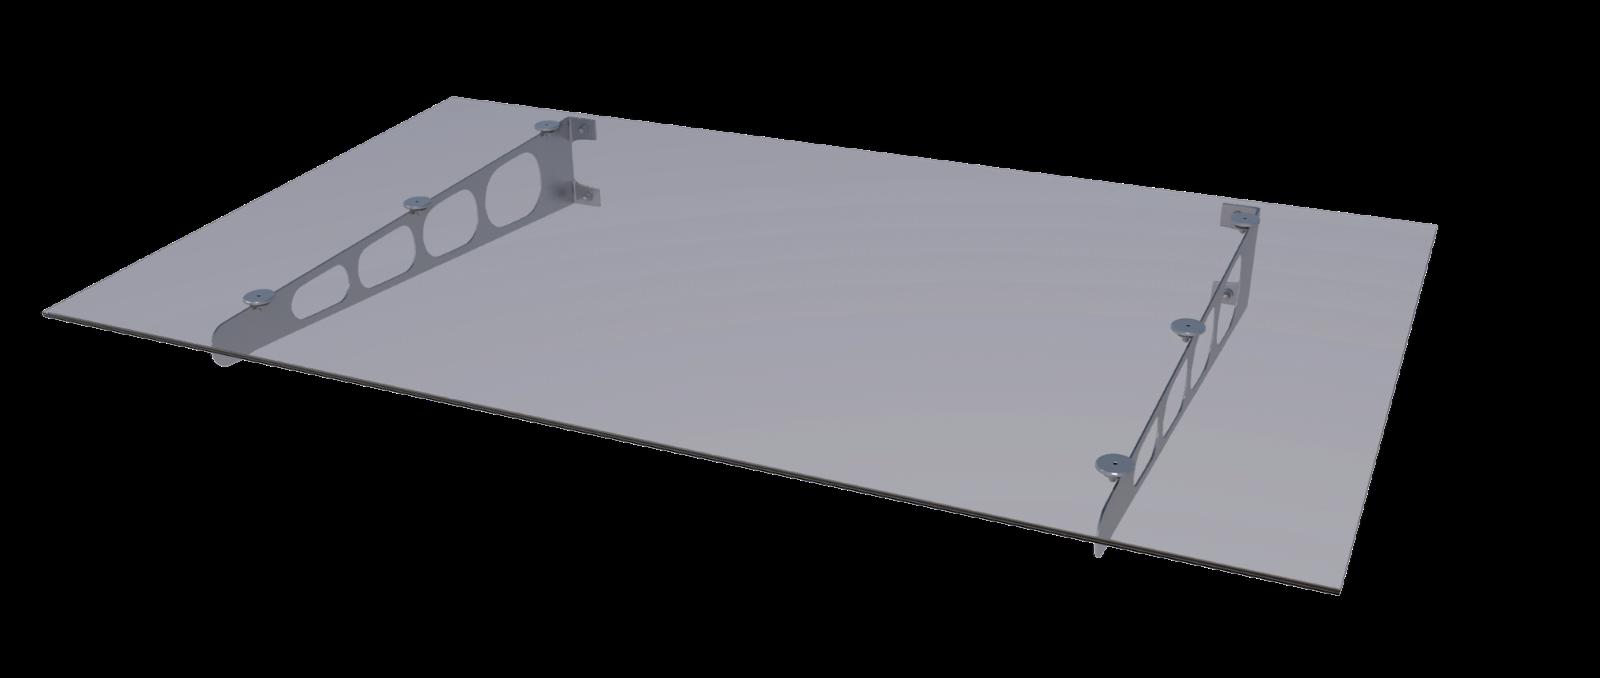 GUTTA Vordach Pultvordach HD/LT Edelstahl Größe 140 x 90, VSG VSG VSG klar 8 mm Blende 504d8d